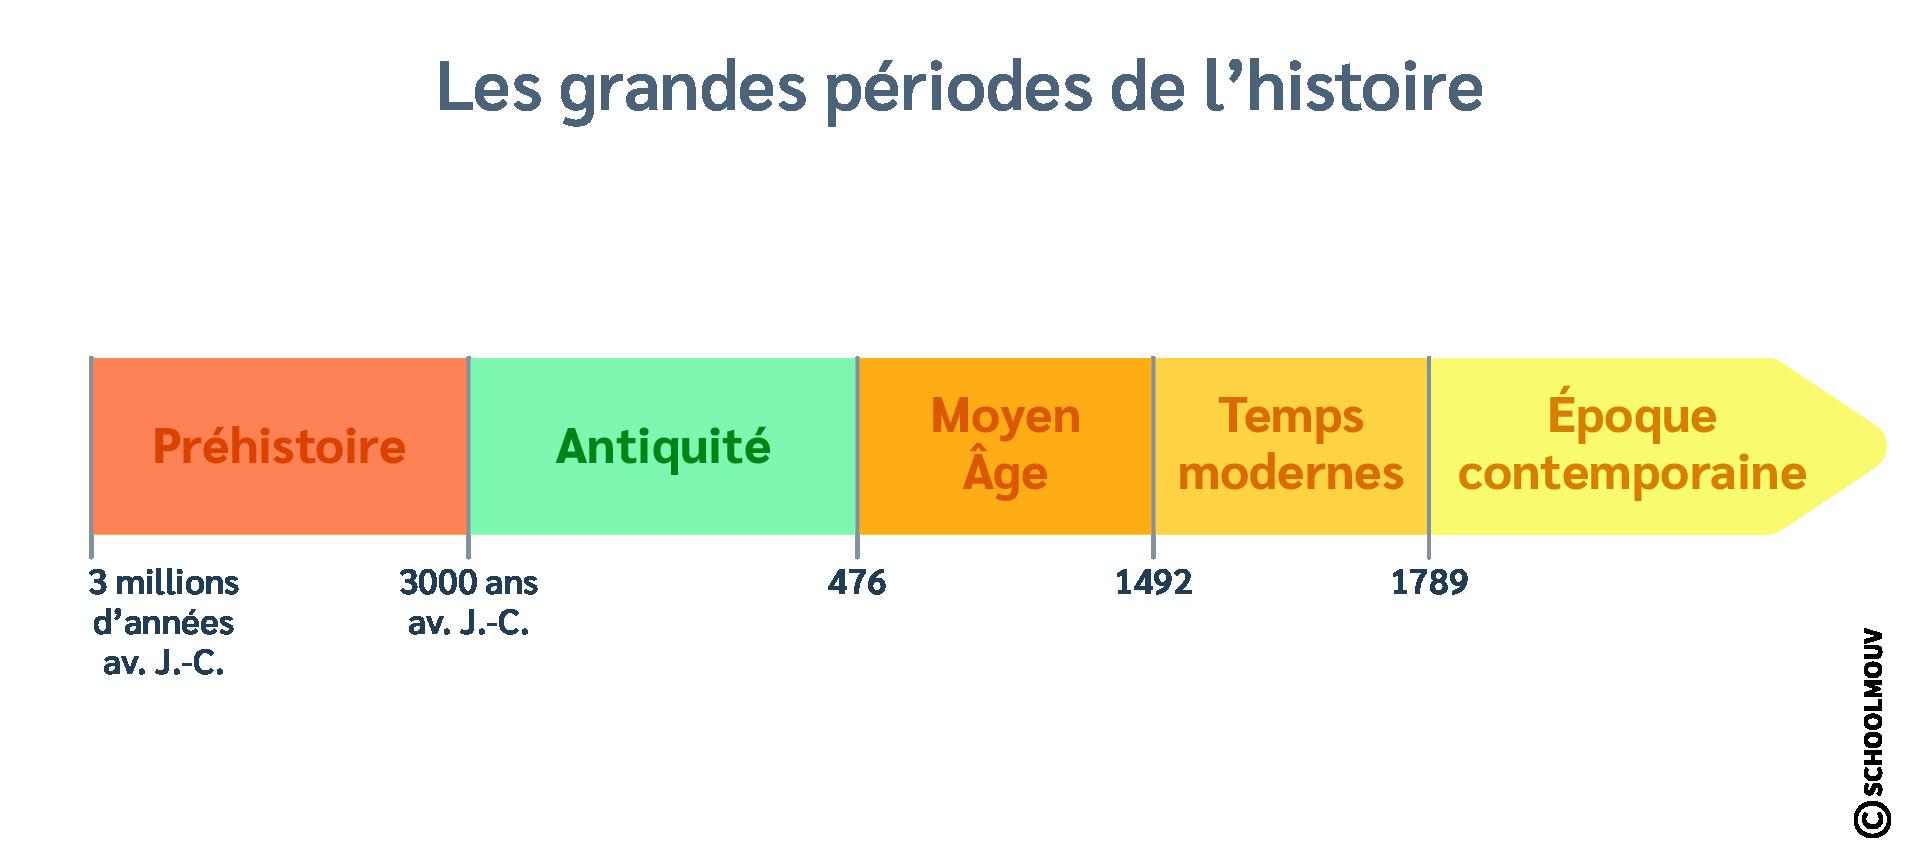 Frise chronologique - Périodes historiques - Préhistoire - Antiquité - Moyen-Âge - Temps modernes - Époque contemporaine